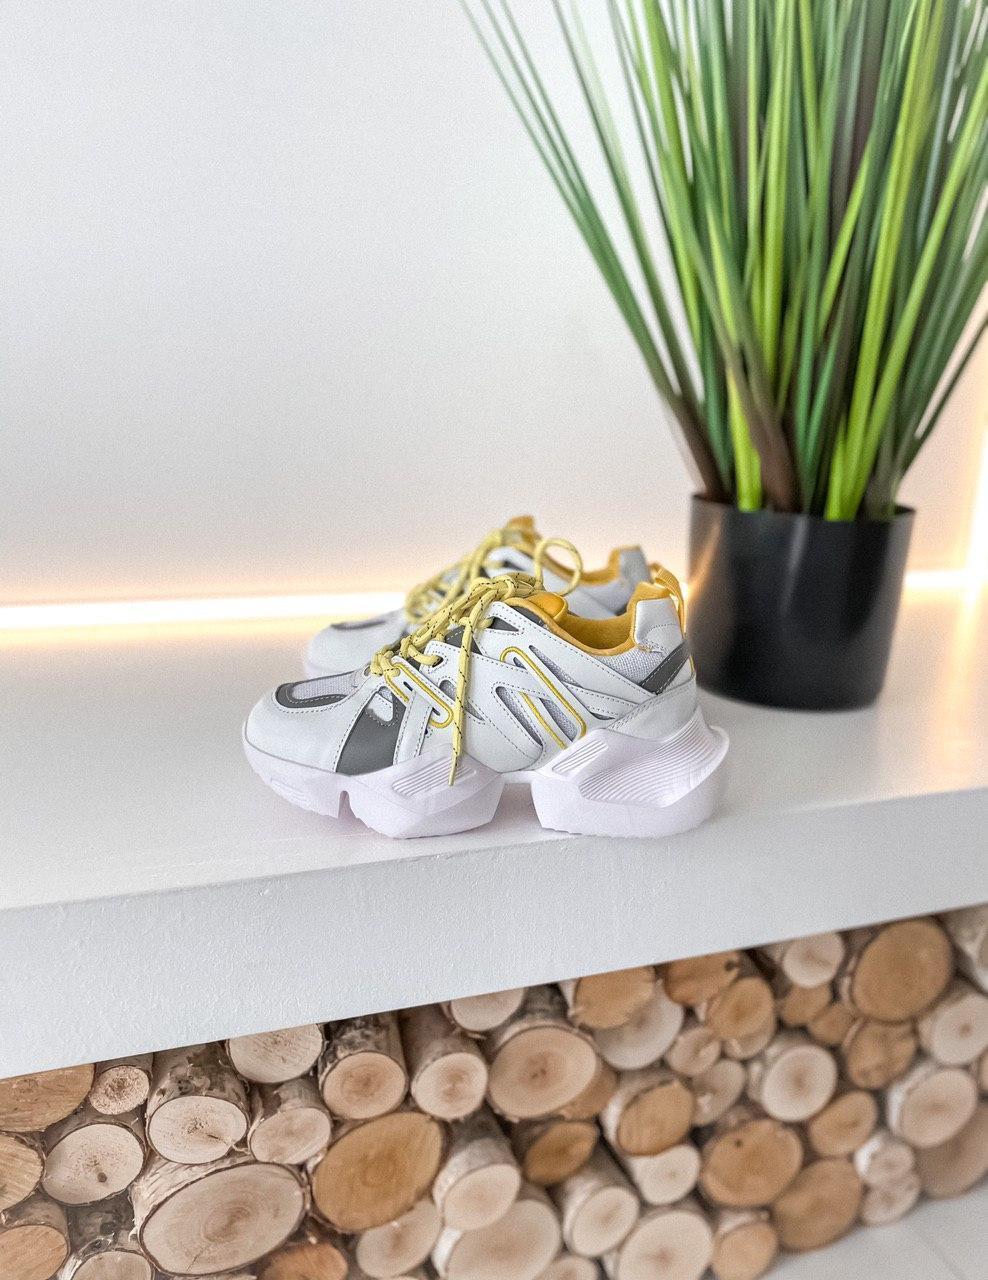 Жіночі кросівки MJ 6466 white/yellow